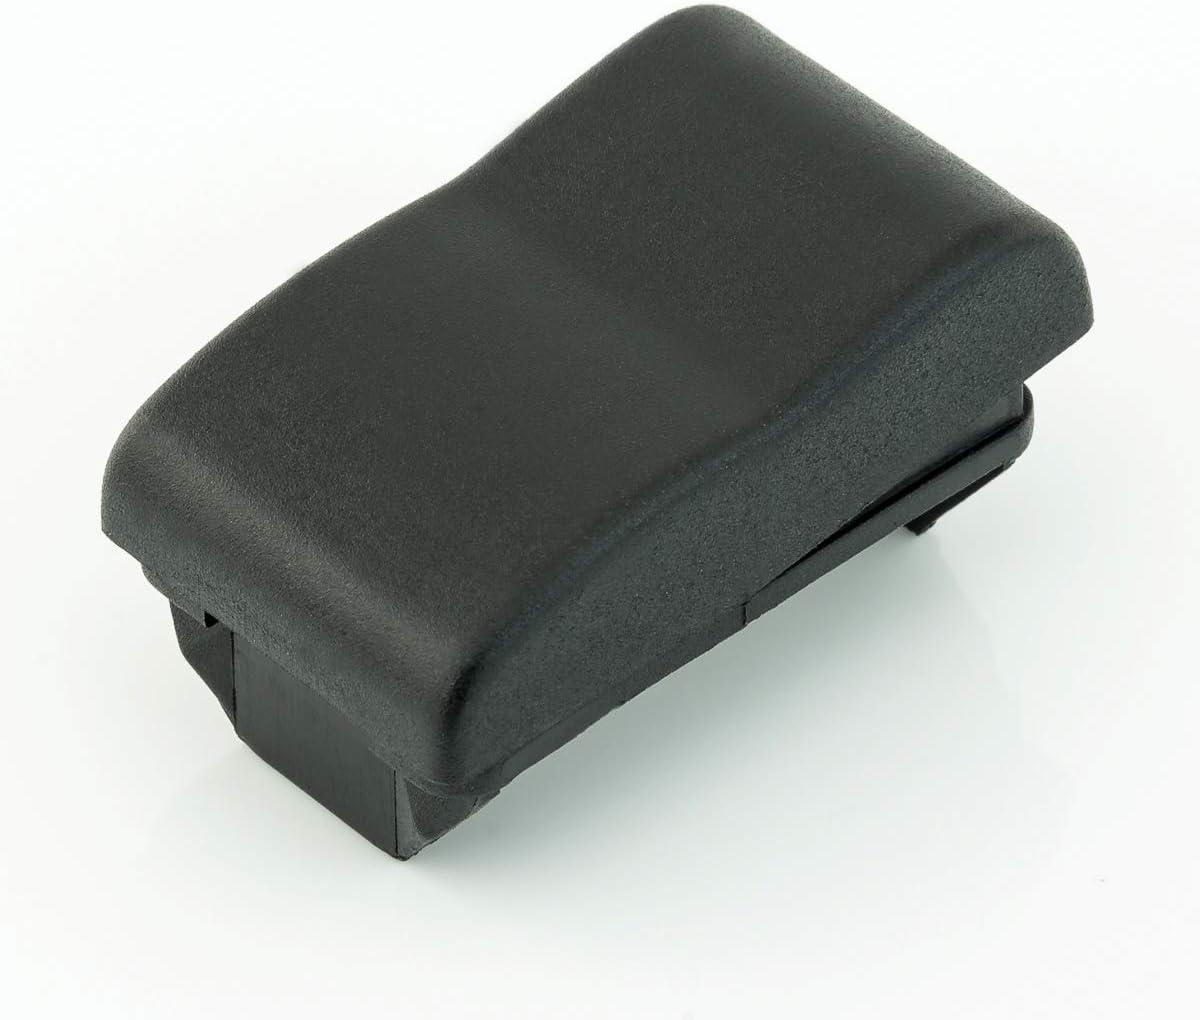 LST Schalter Blende Blinddeckel Blindkappe Abdeckung Blindschalter Polo 6N